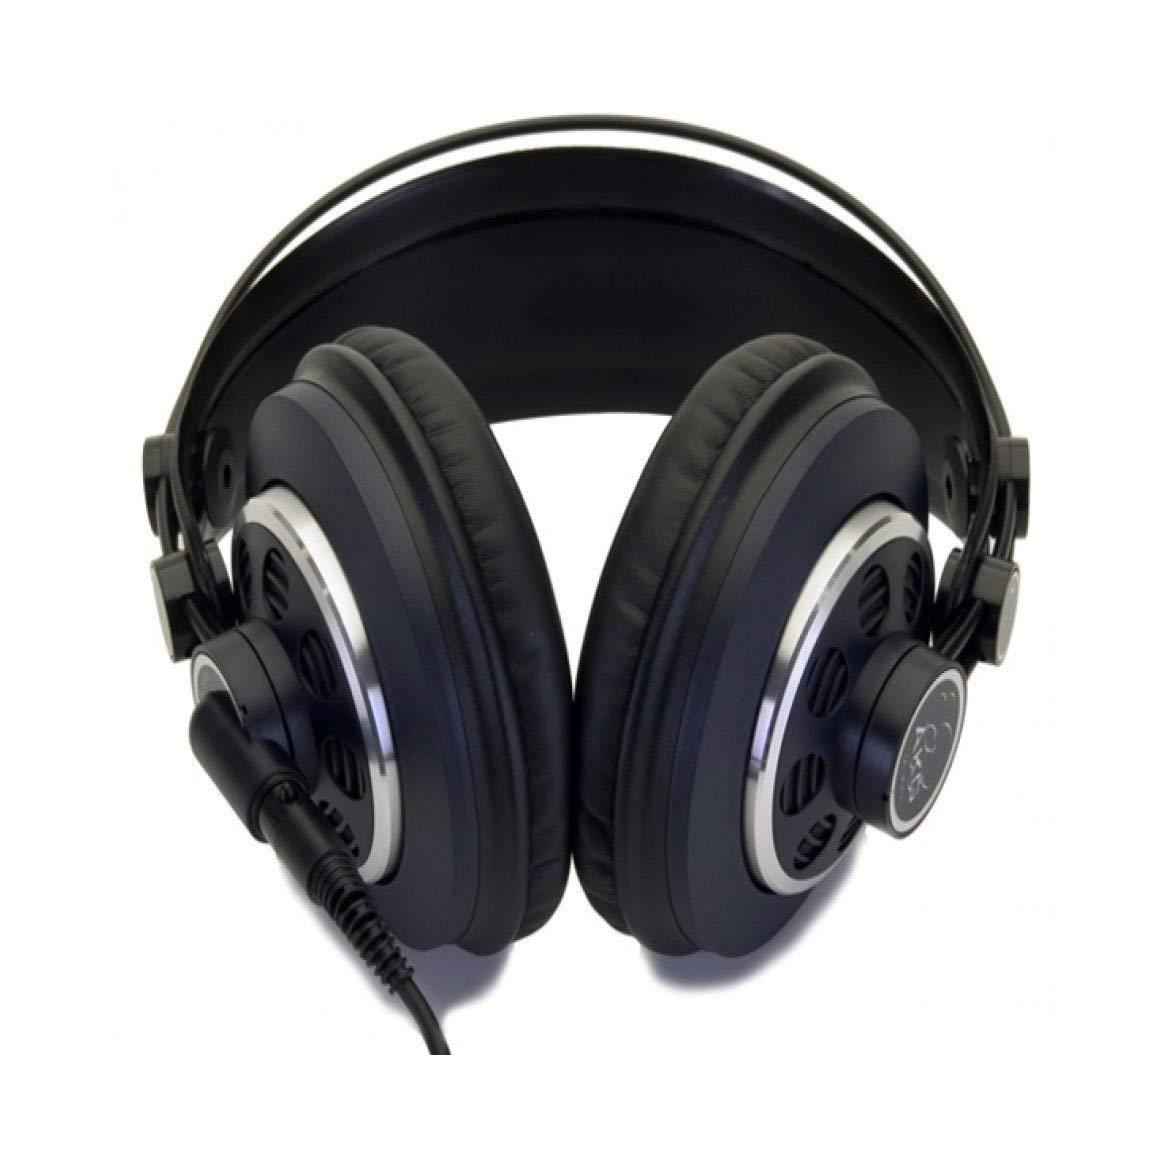 0961ee35bf0 AKG K240 MKII Professional Semi-Open Over-Ear Studio Headphones:  Amazon.co.uk: Musical Instruments